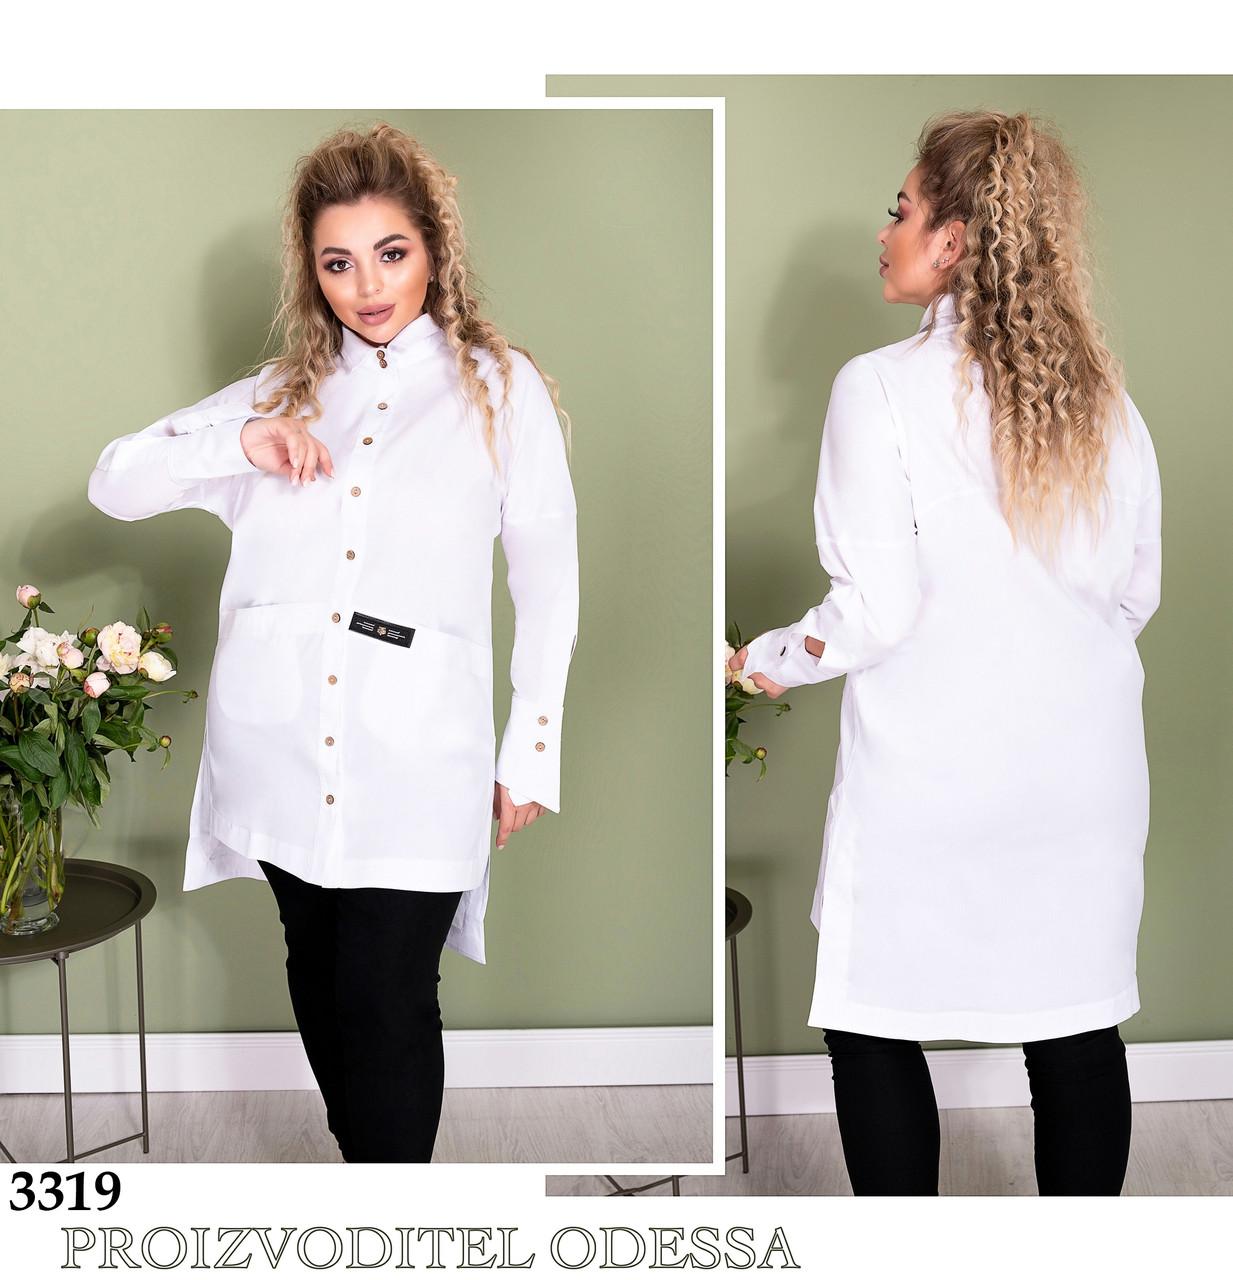 Рубашка удлинённая длинный рукав стрейч-коттон 48-50,52-54,56-58,60-62